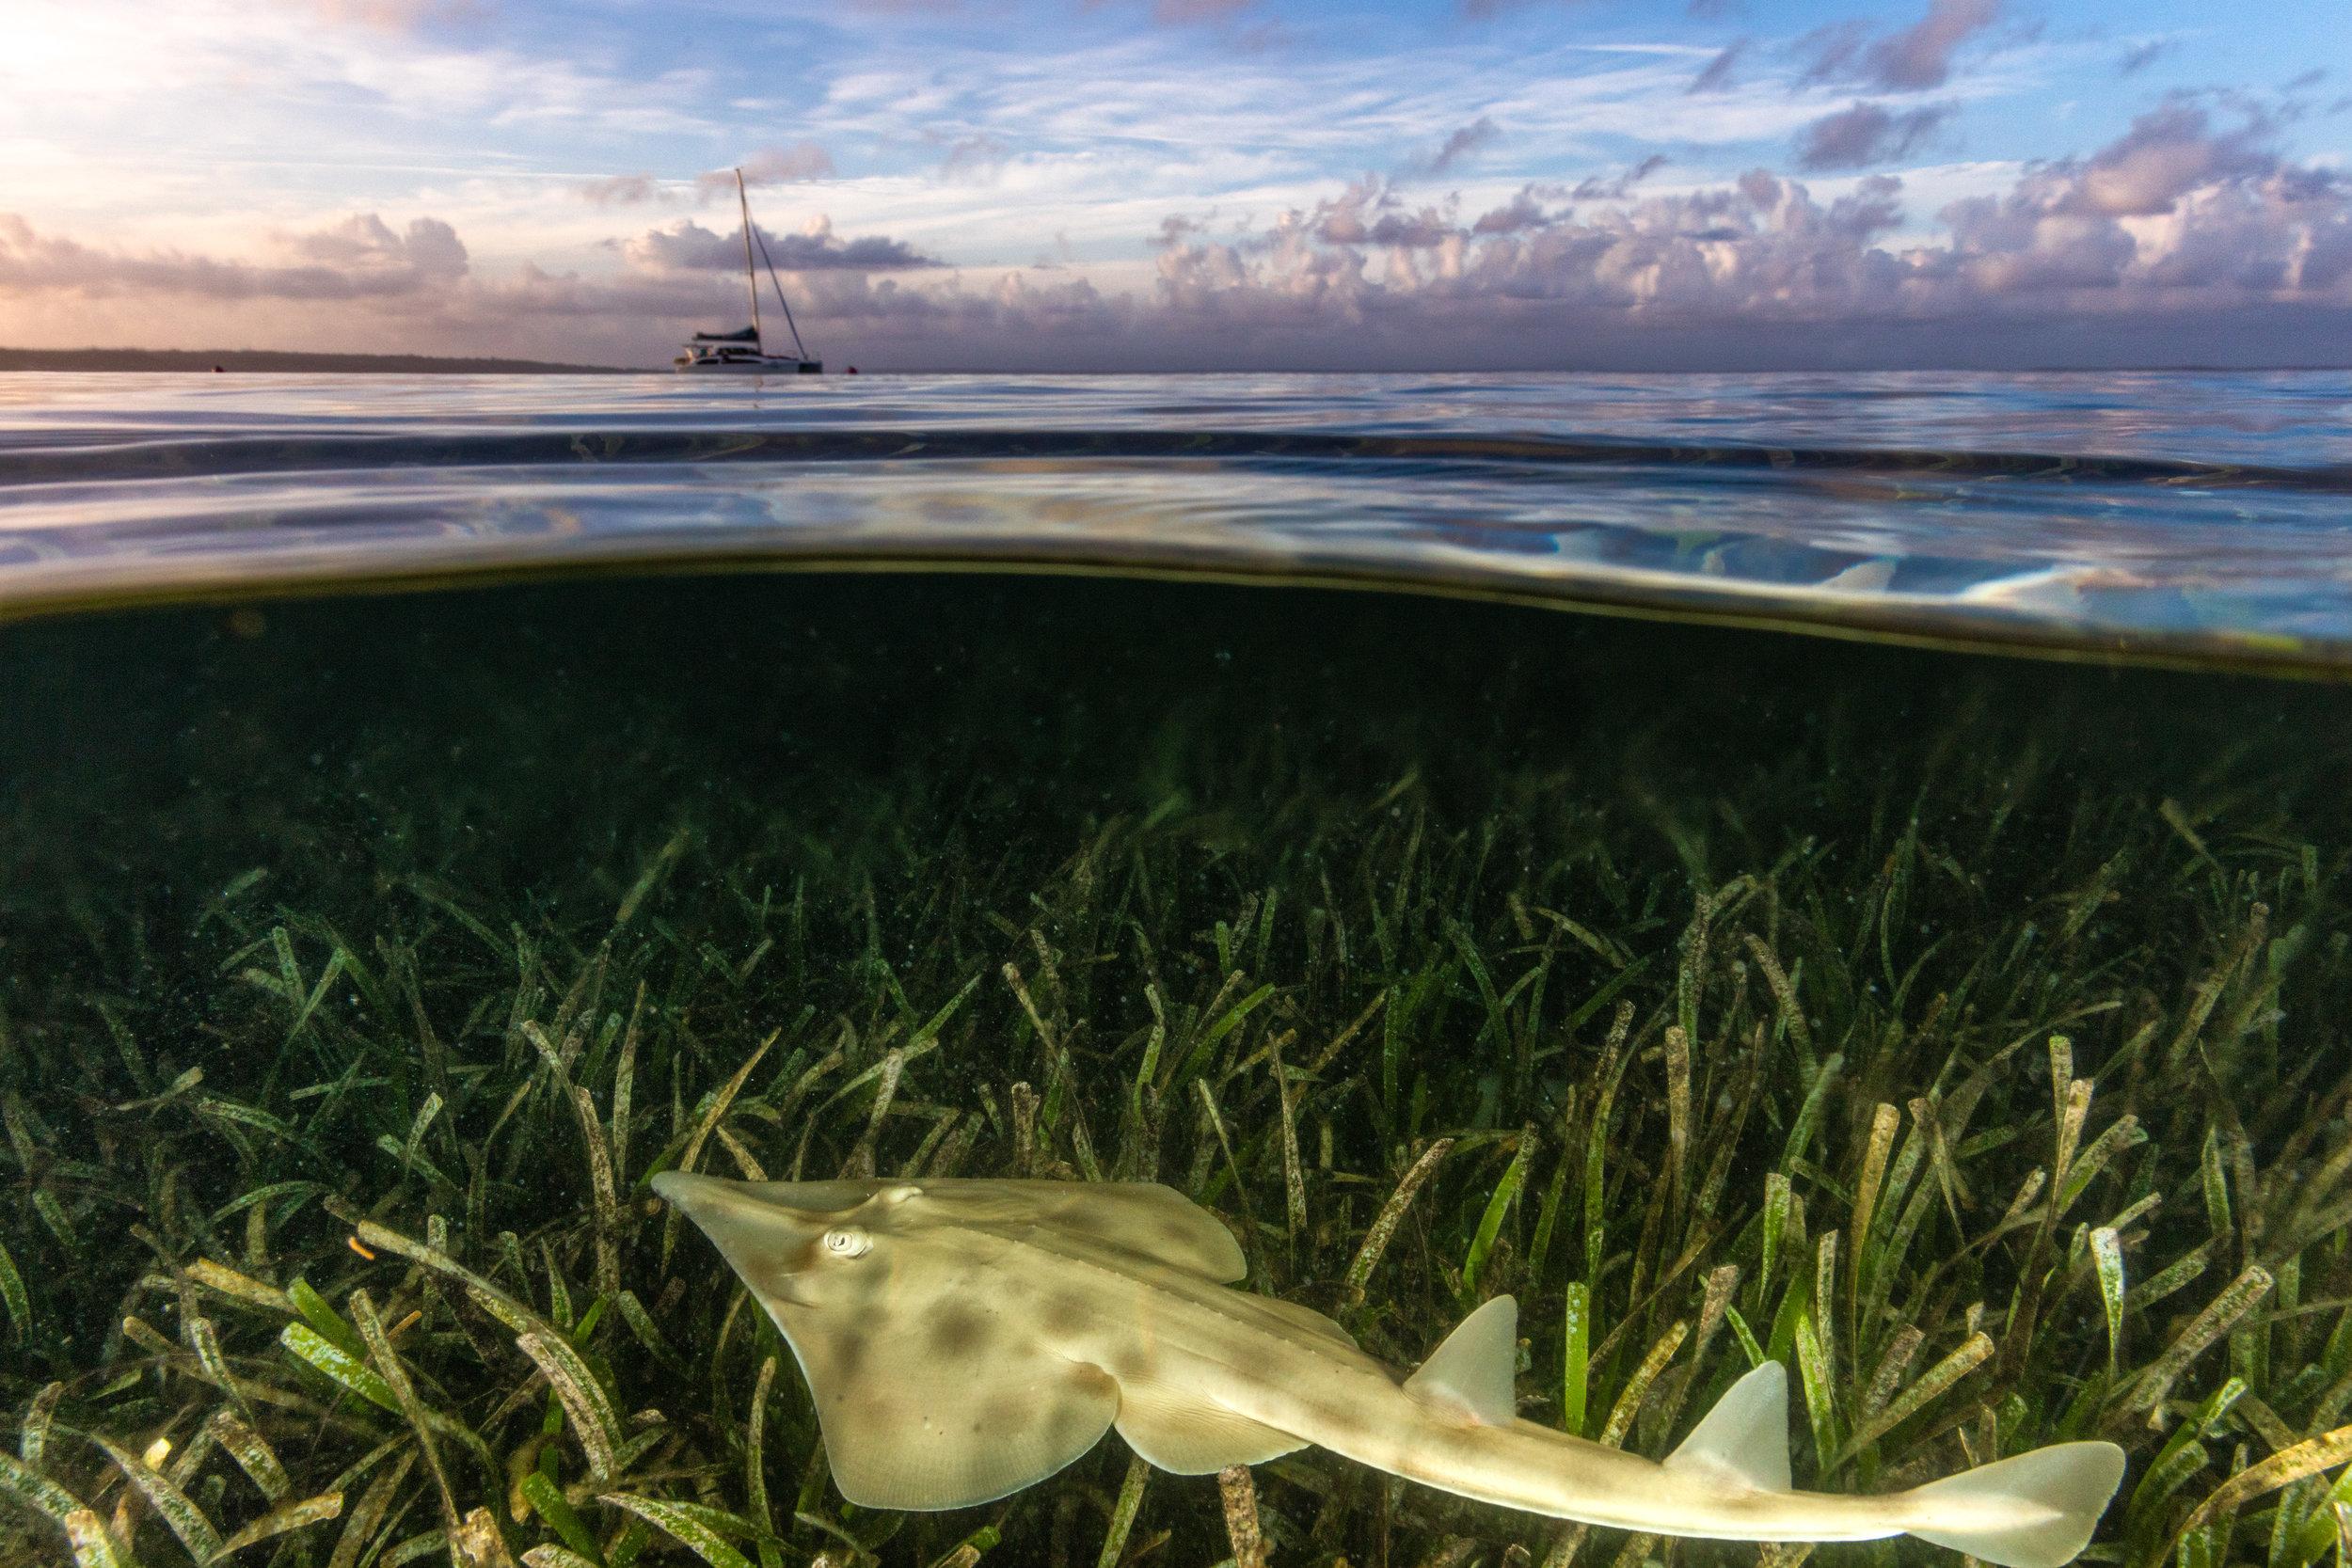 guitarfish credit: jordan robins / coral reef image bank